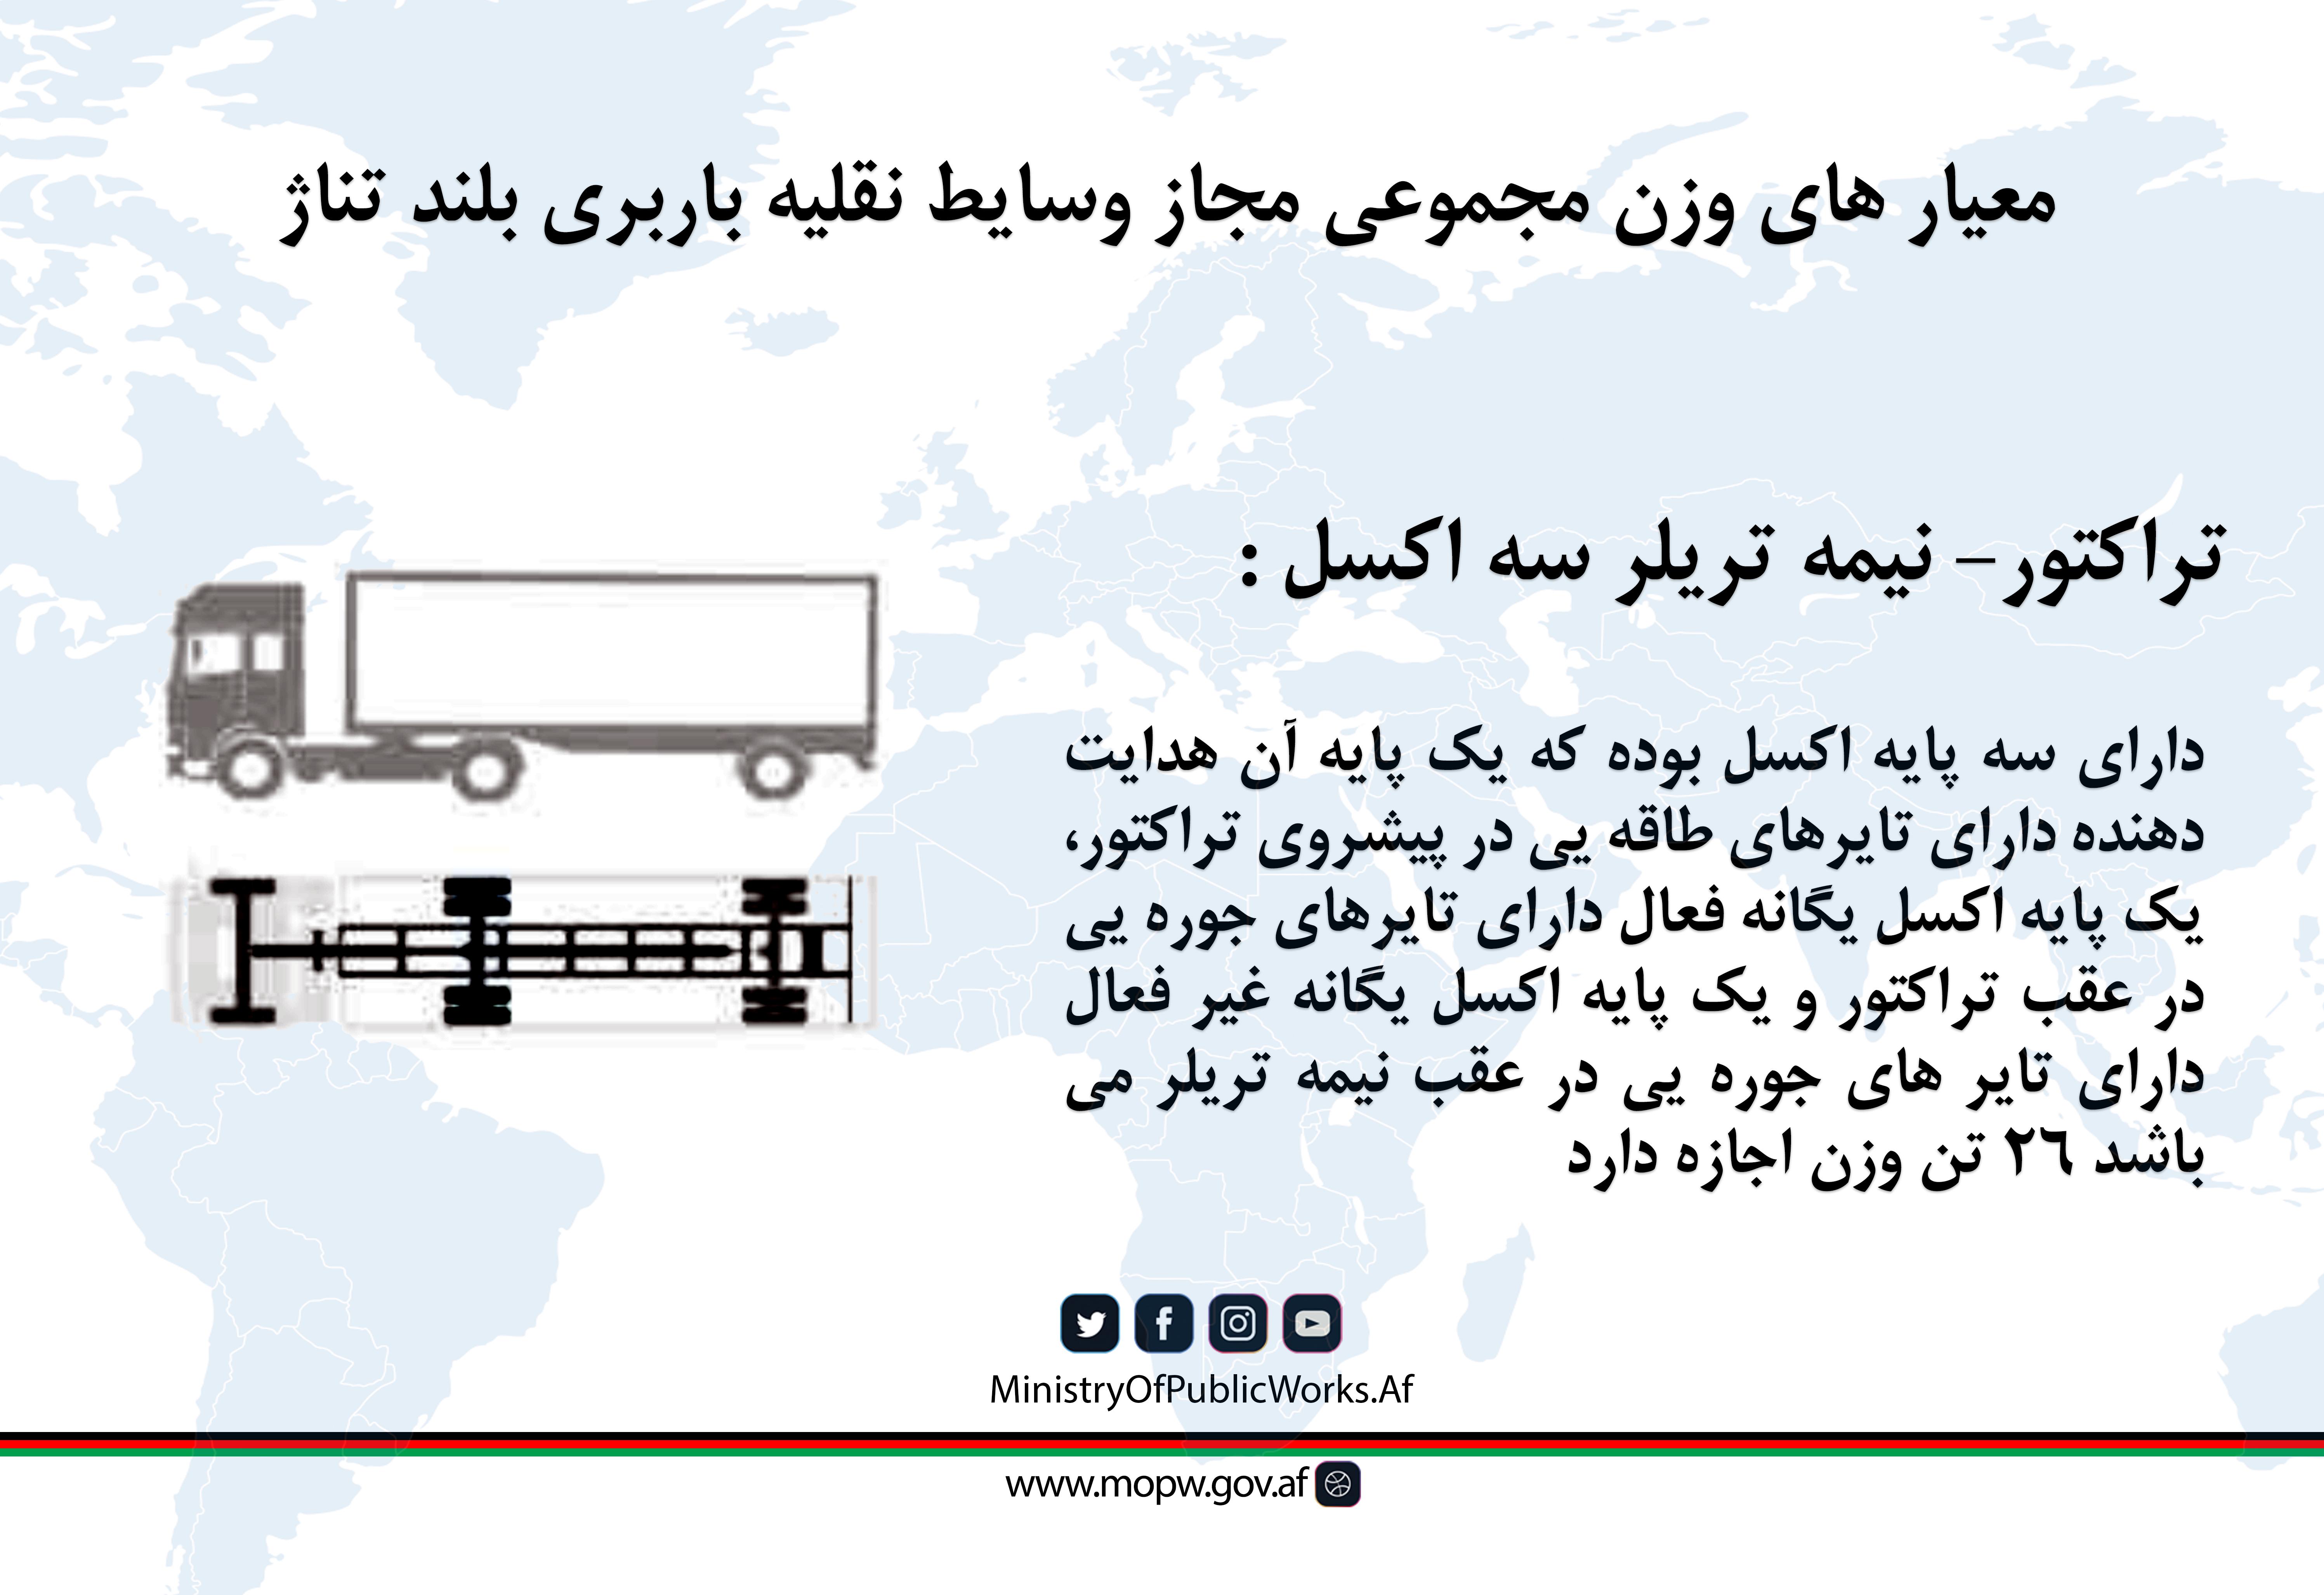 معیار های وزن مجموعی مجاز وسایط نقلیه باربری بلند تناژ